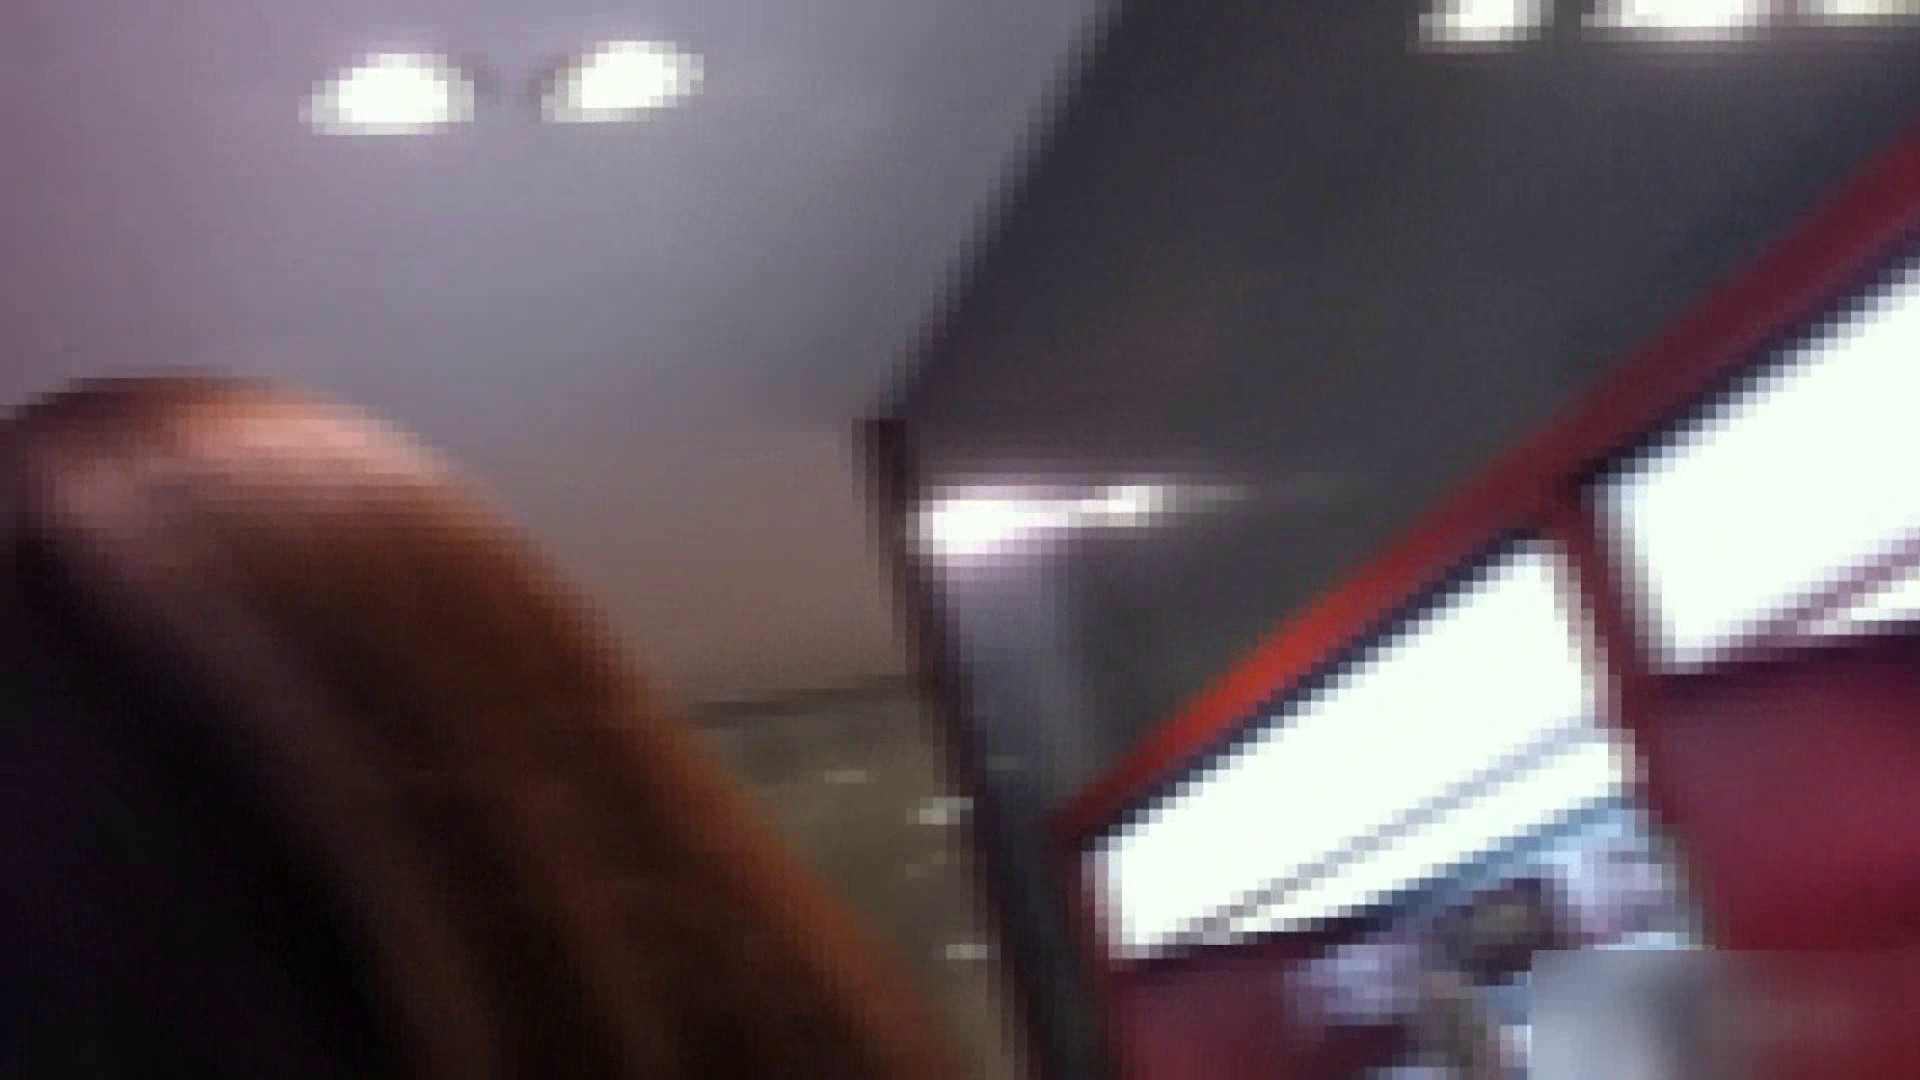 ガールズパンチラストリートビューVol.005 エロティックなOL オメコ無修正動画無料 79画像 18